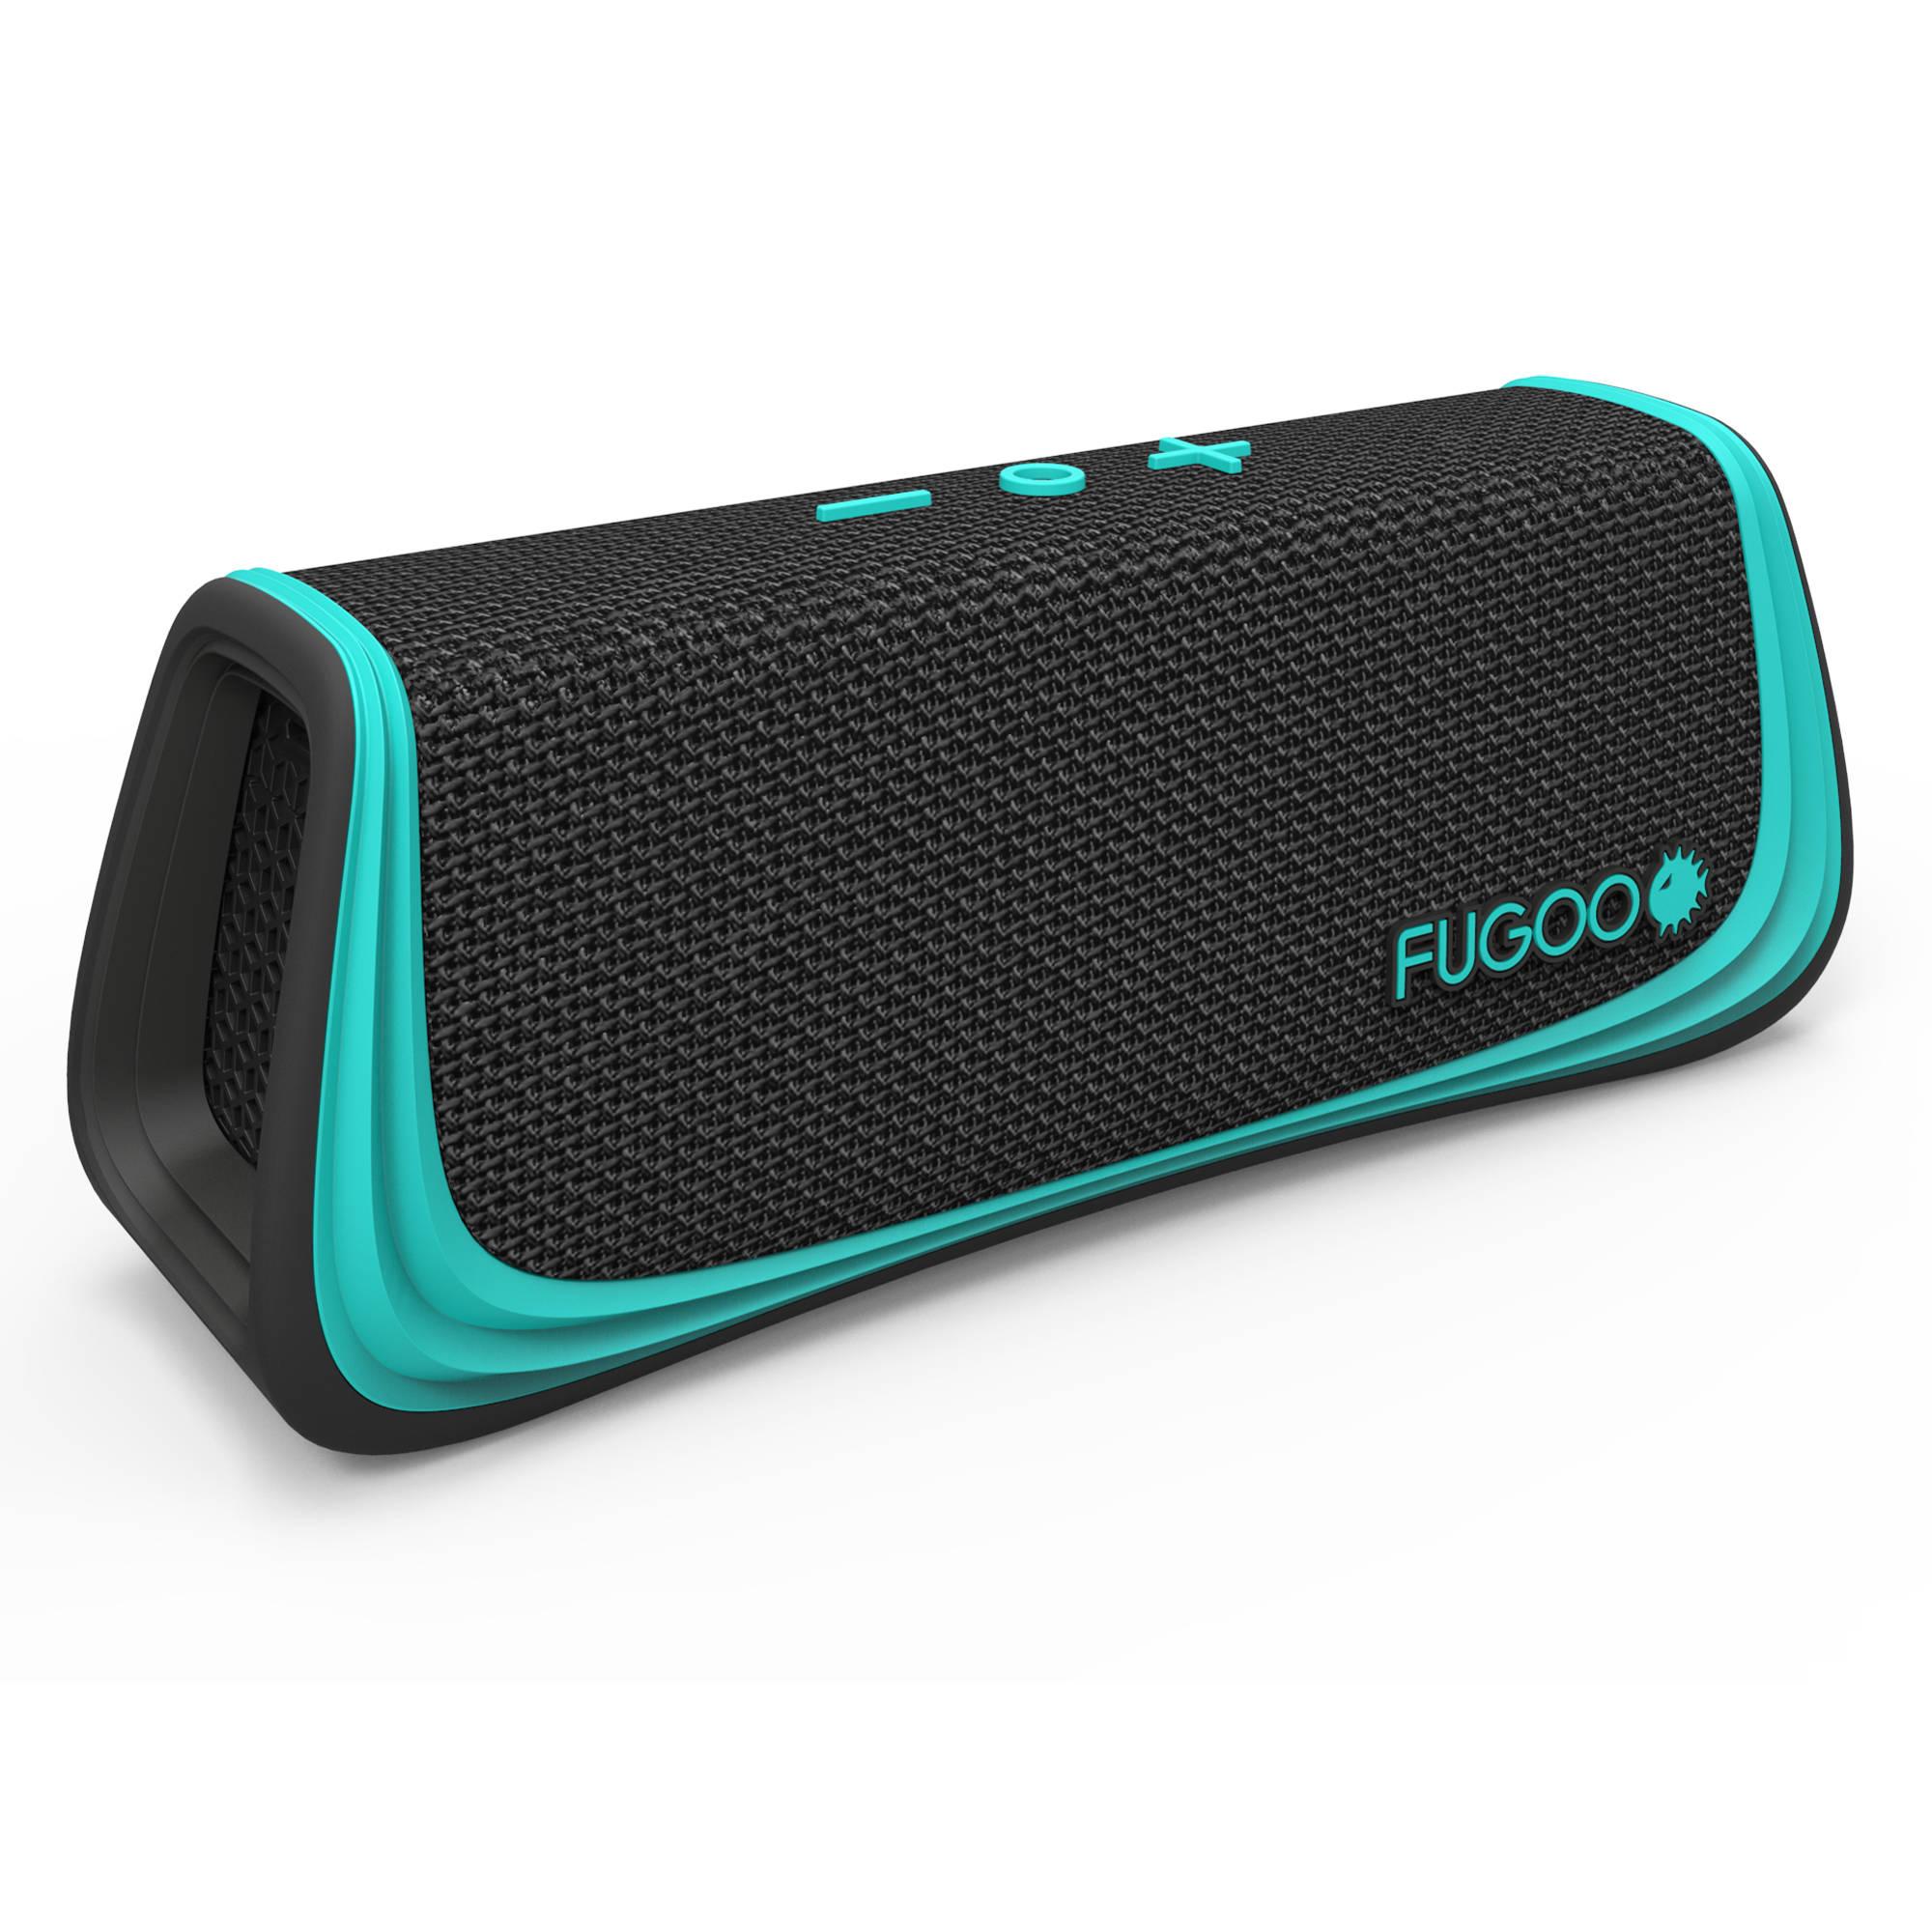 Rugged Wireless Speaker Spk 4 Taraba Home Review